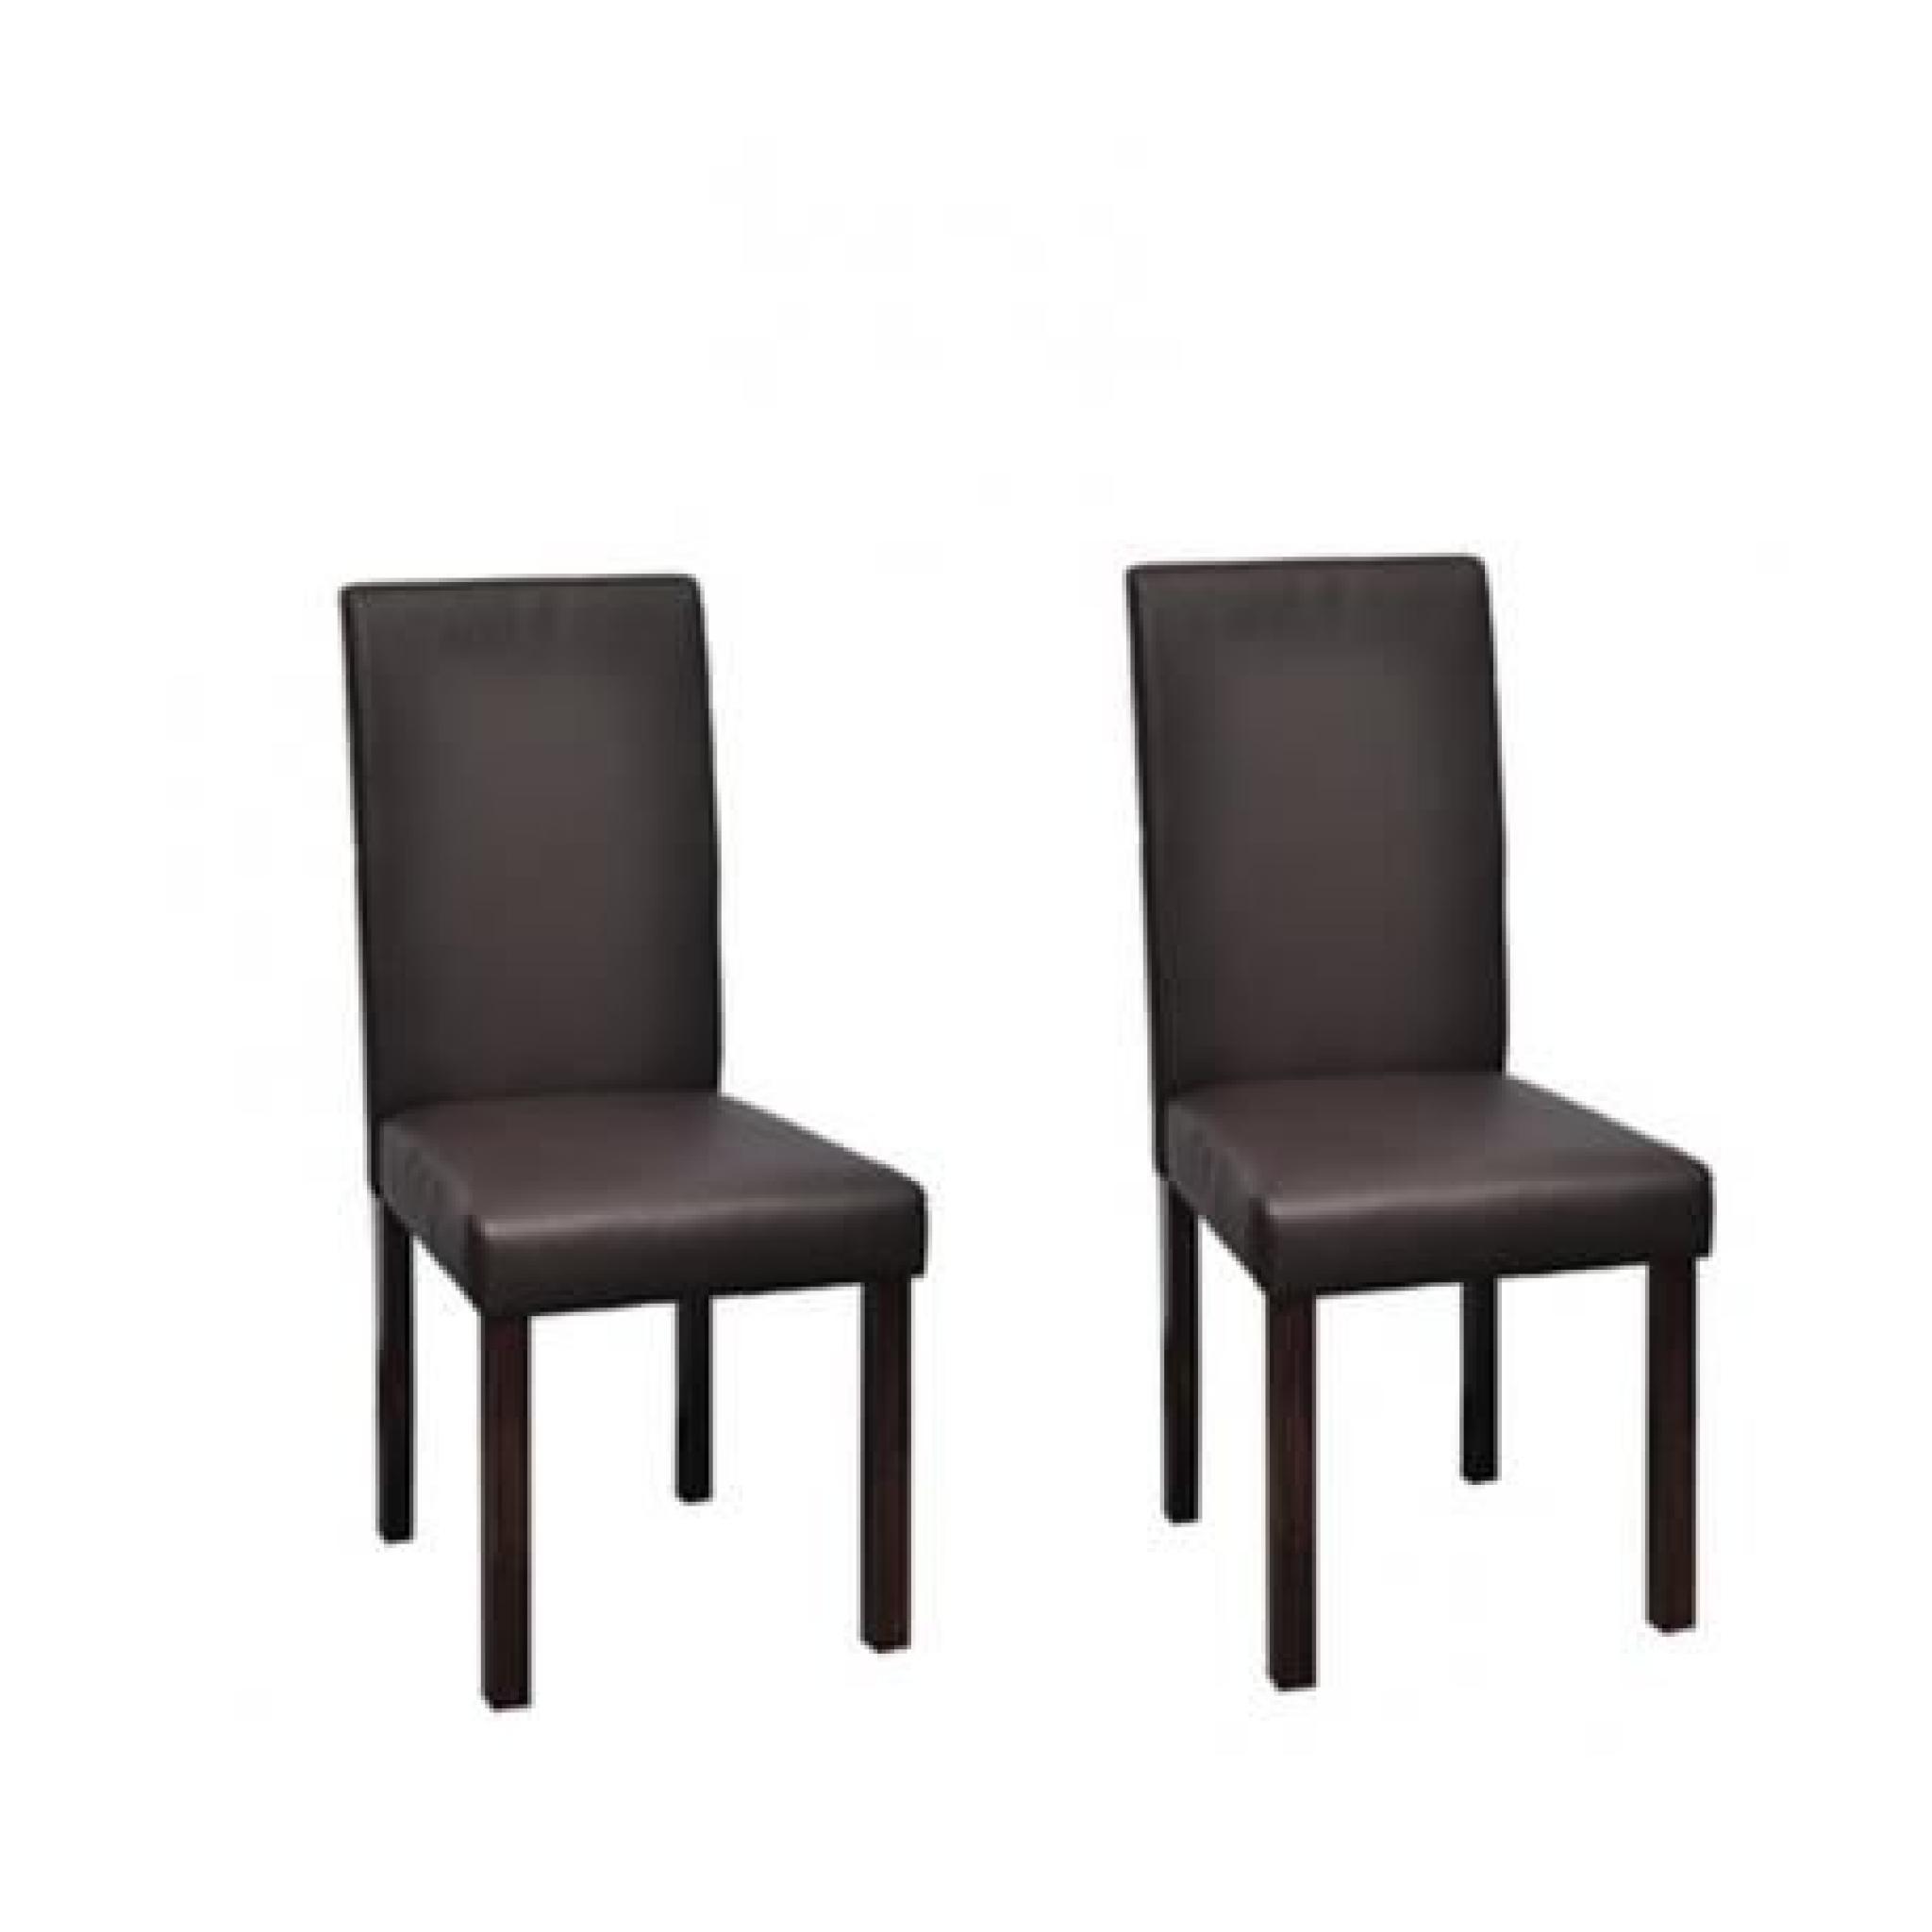 Chaise design classique marron lot de 2 achat vente for Chaise salle a manger classique